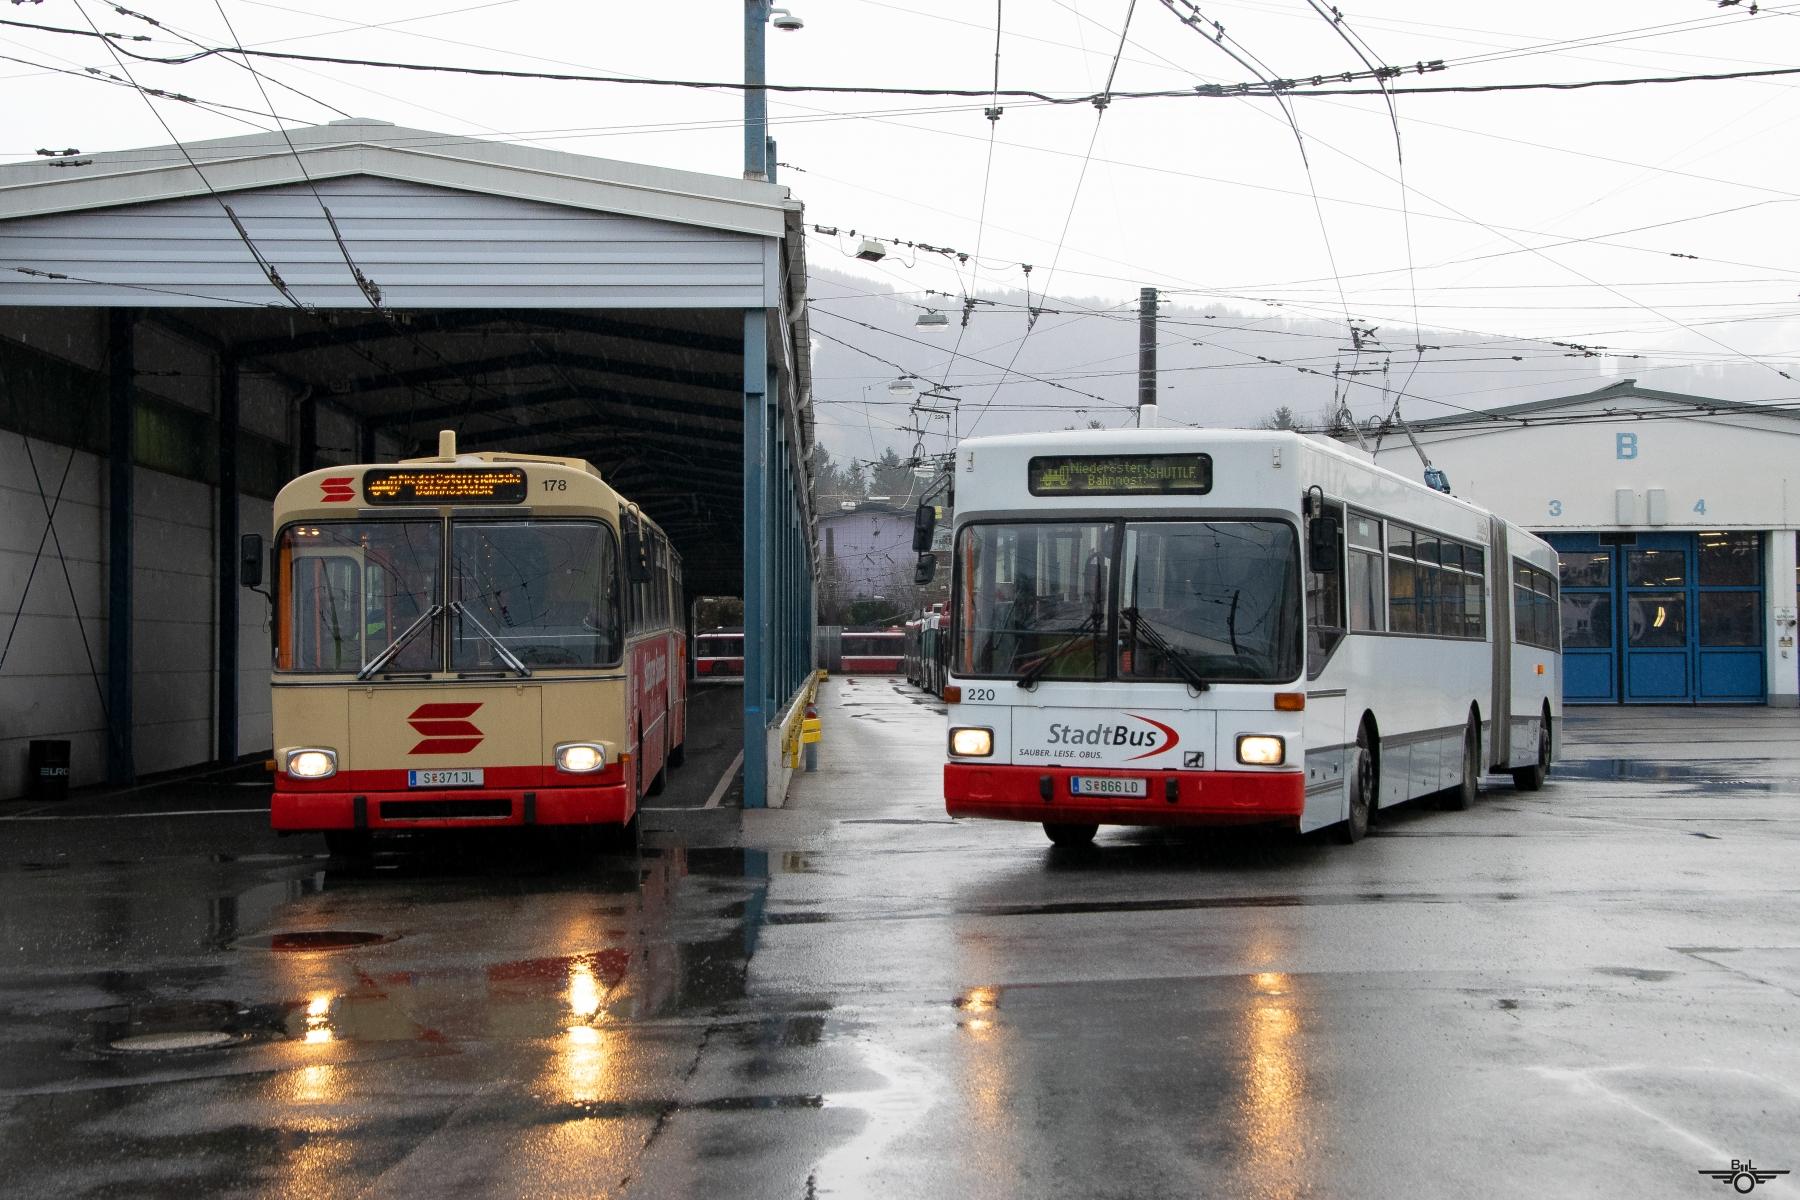 Die beiden Obusse 178 und 220 am Betriebshof. Foto: Jan Roider